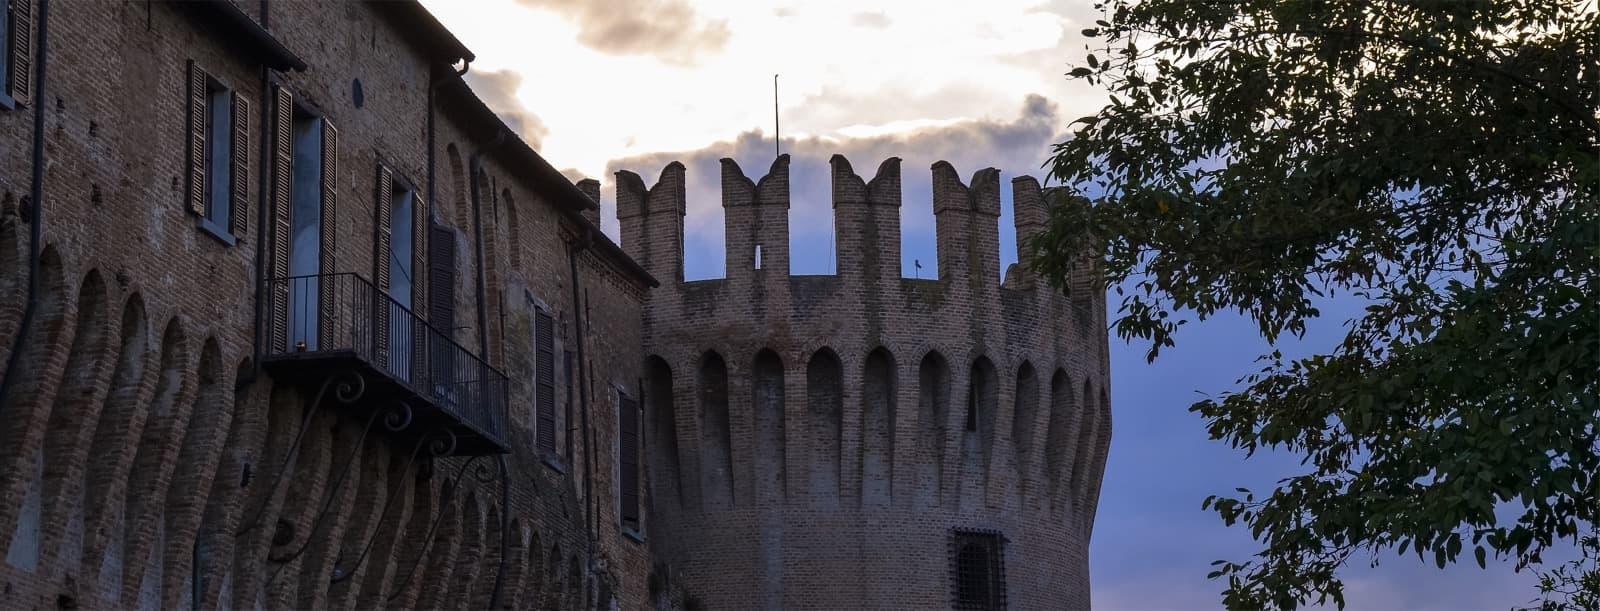 [Parlami di tER] Le Rocche della Bassa Romagna